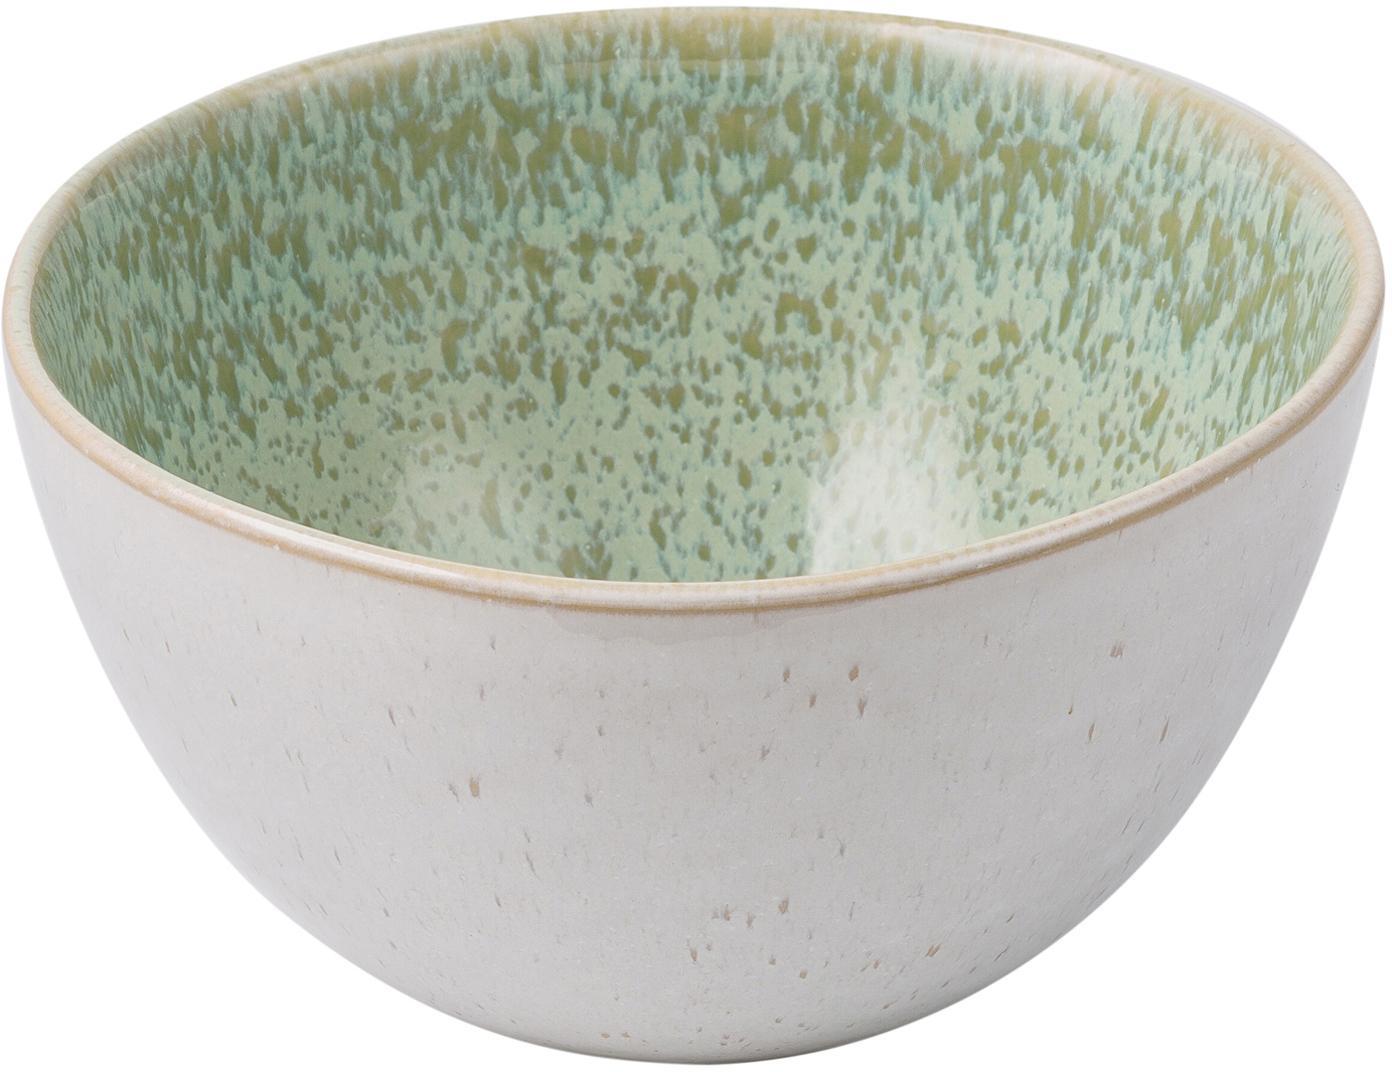 Handgemaakte schalen Areia, 2 stuks, Keramiek, Mintkleurig, gebroken wit, beige, Ø 15 x H 8 cm